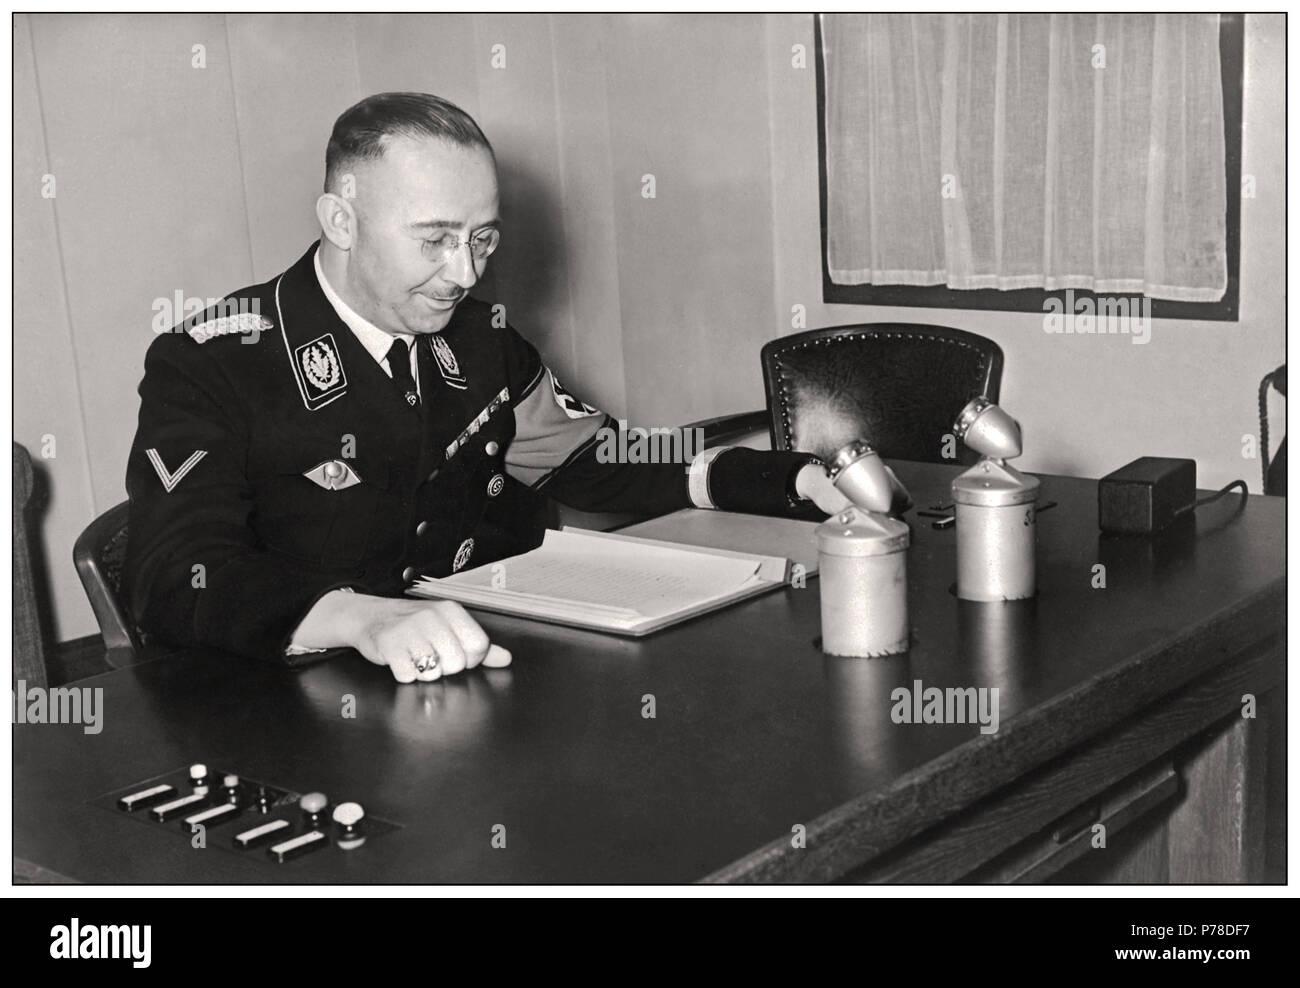 HIMMLER BROADCAST REDE BERLIN Vintage WW2 Archivierung foto Bild 1939 von Heinrich Himmler (1900-1945), der die SS (Besonderer Teil) aus dem Jahr 1929 auf der Grundlage der Rasse Auswahl neu organisiert und wurde Leiter der Gestapo und SA (Angriff Abschnitte, 1934), er organisiert und verwaltet die deutschen nationalsozialistischen Vernichtungslagern. Von den Briten verhaftet, als er sich selbst in 1945 vergiftet. Stockbild